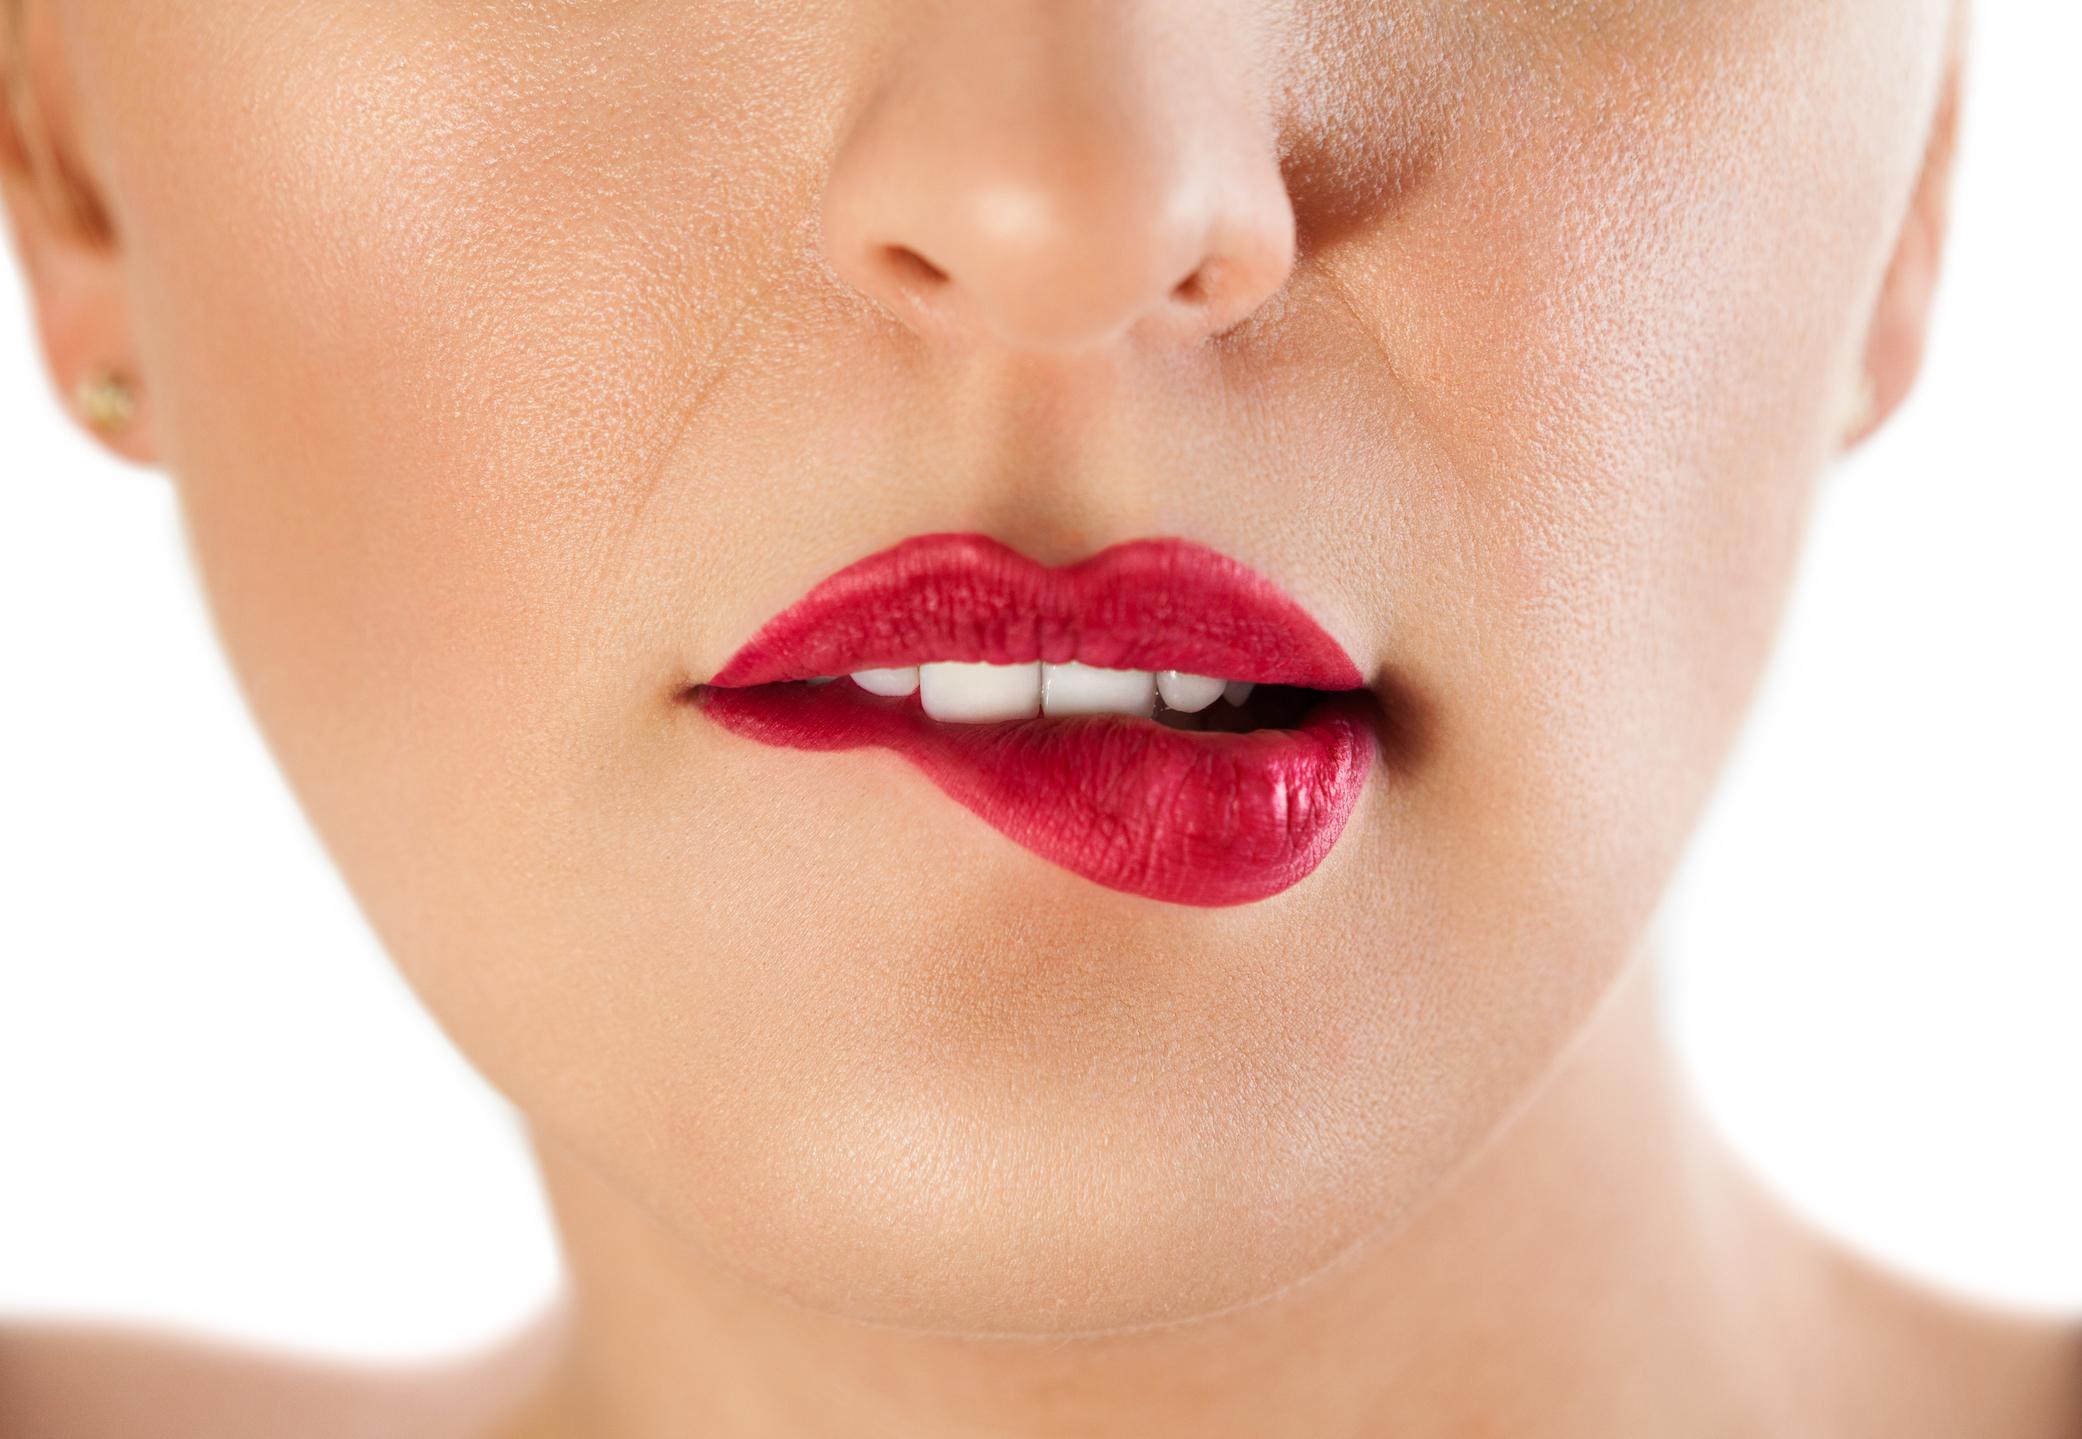 Прехапване на устните. Прехапването на устните е чувствен и първичен жест, с който вниманието на мъжете се съсредоточава върху лицето ти и провокира доста неприлични мисли.